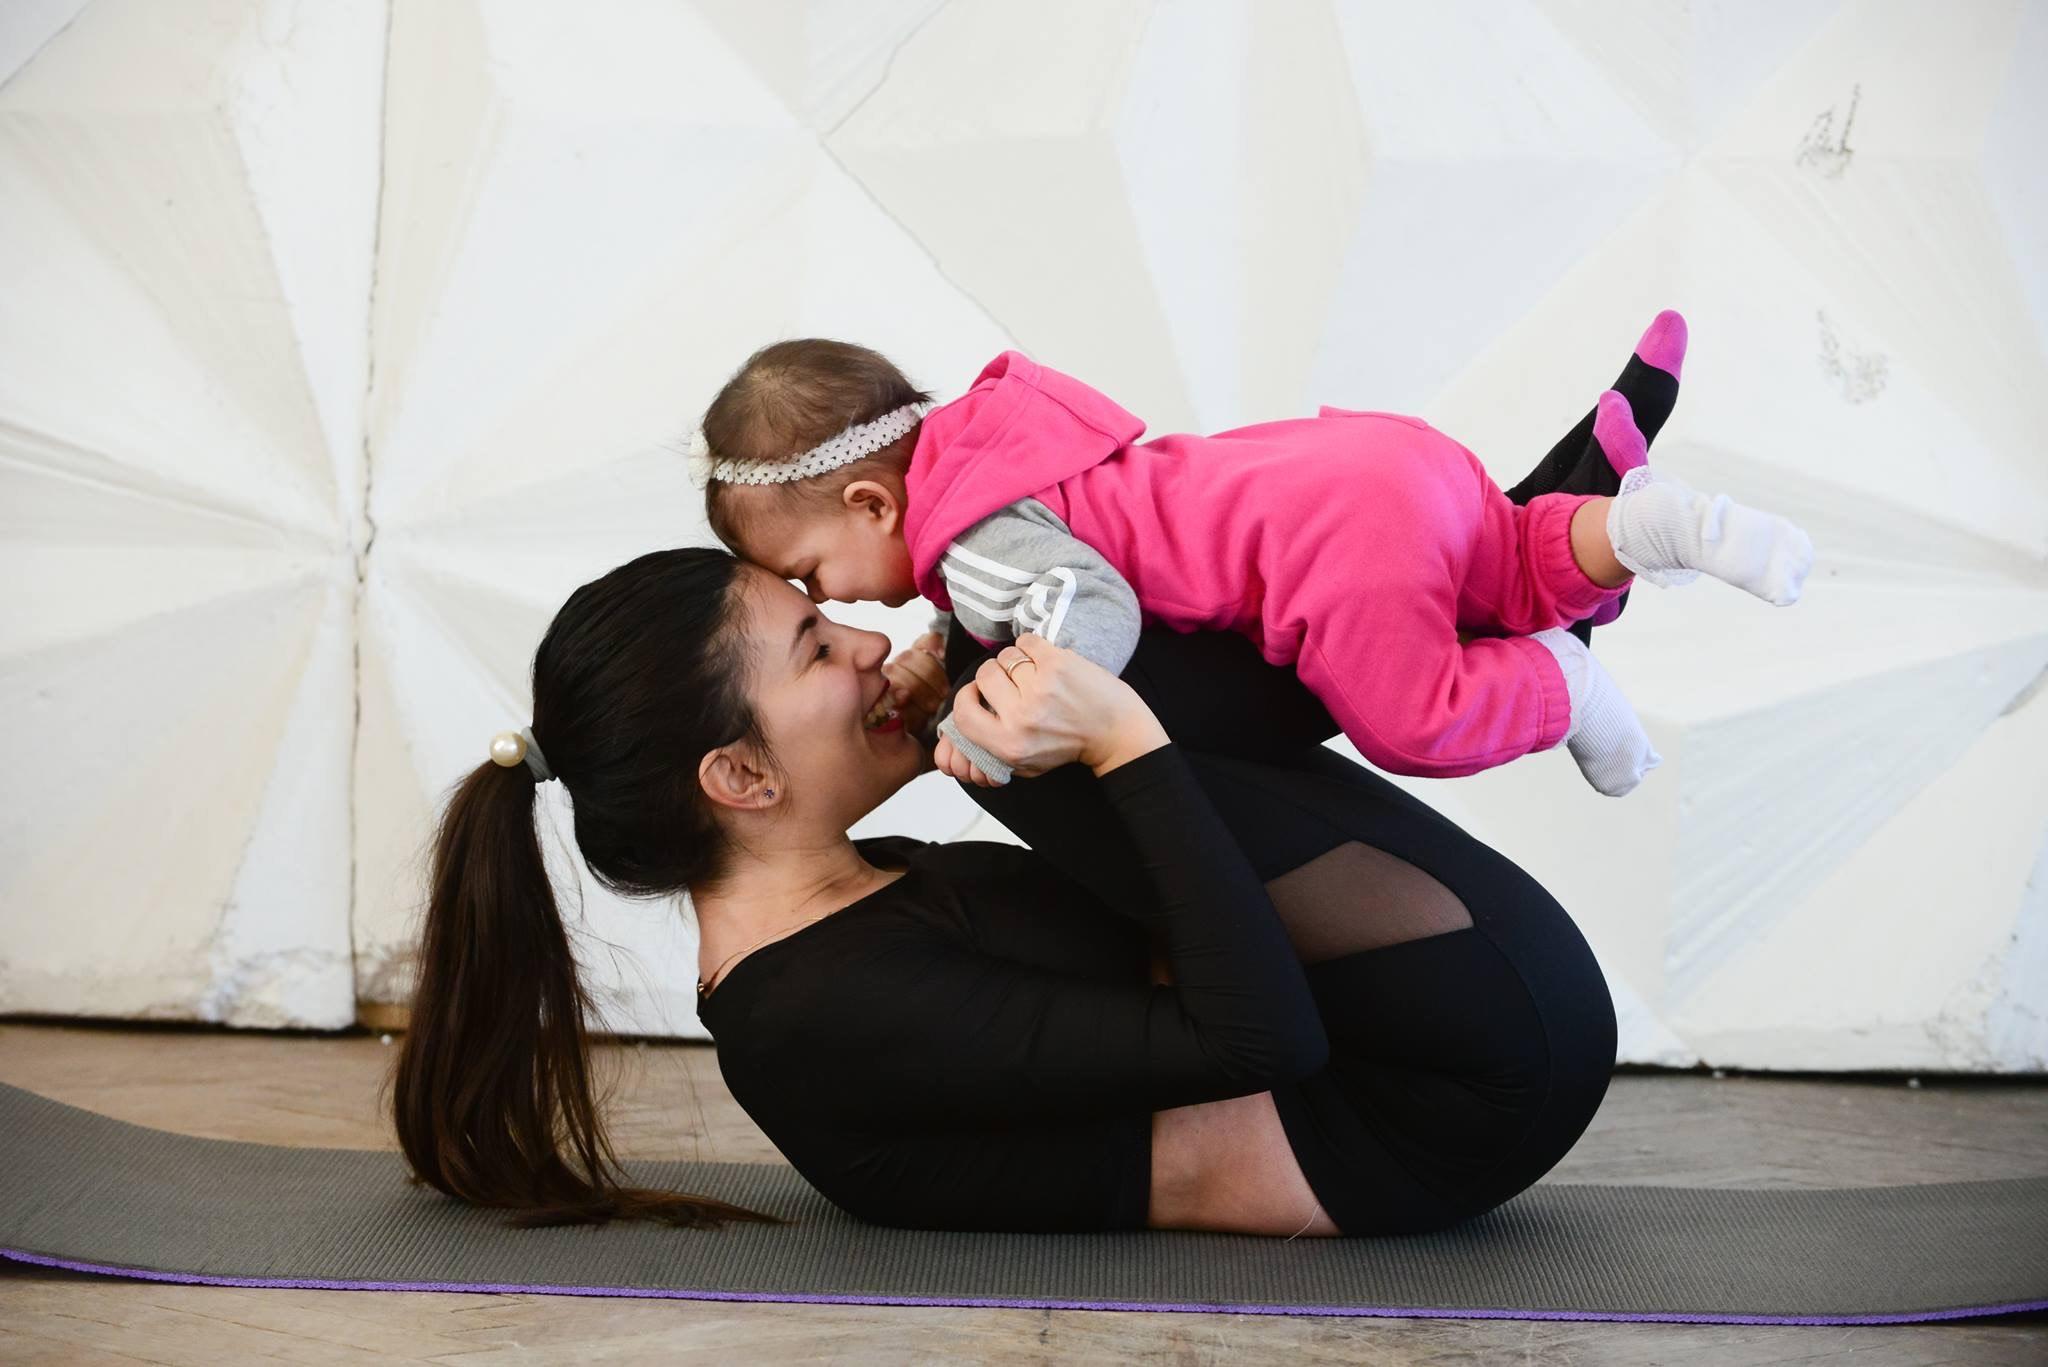 Интервју со @mojafitnessmama: Прочитајте повеќе за фитнес програмите за мајки и животот во Киев на Мери Амбросова